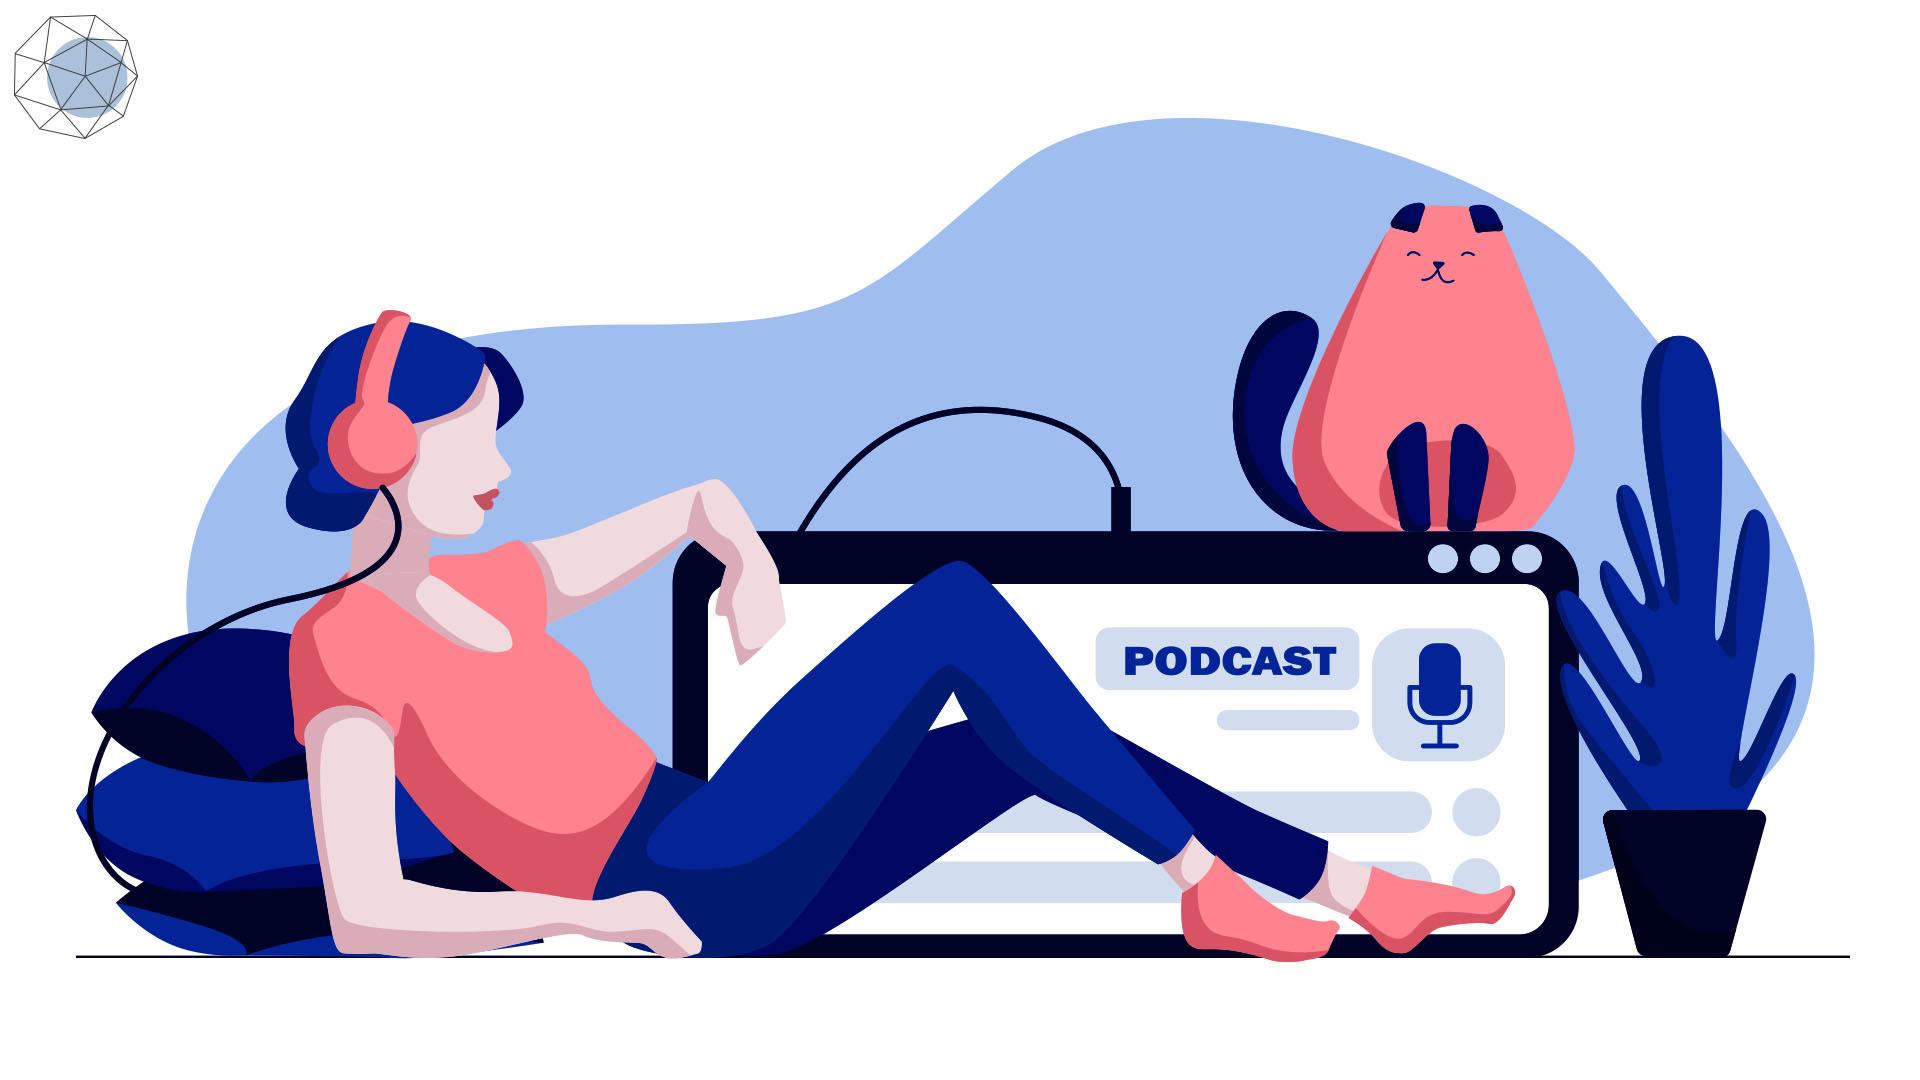 ทำความรู้จัก Podcast_cover